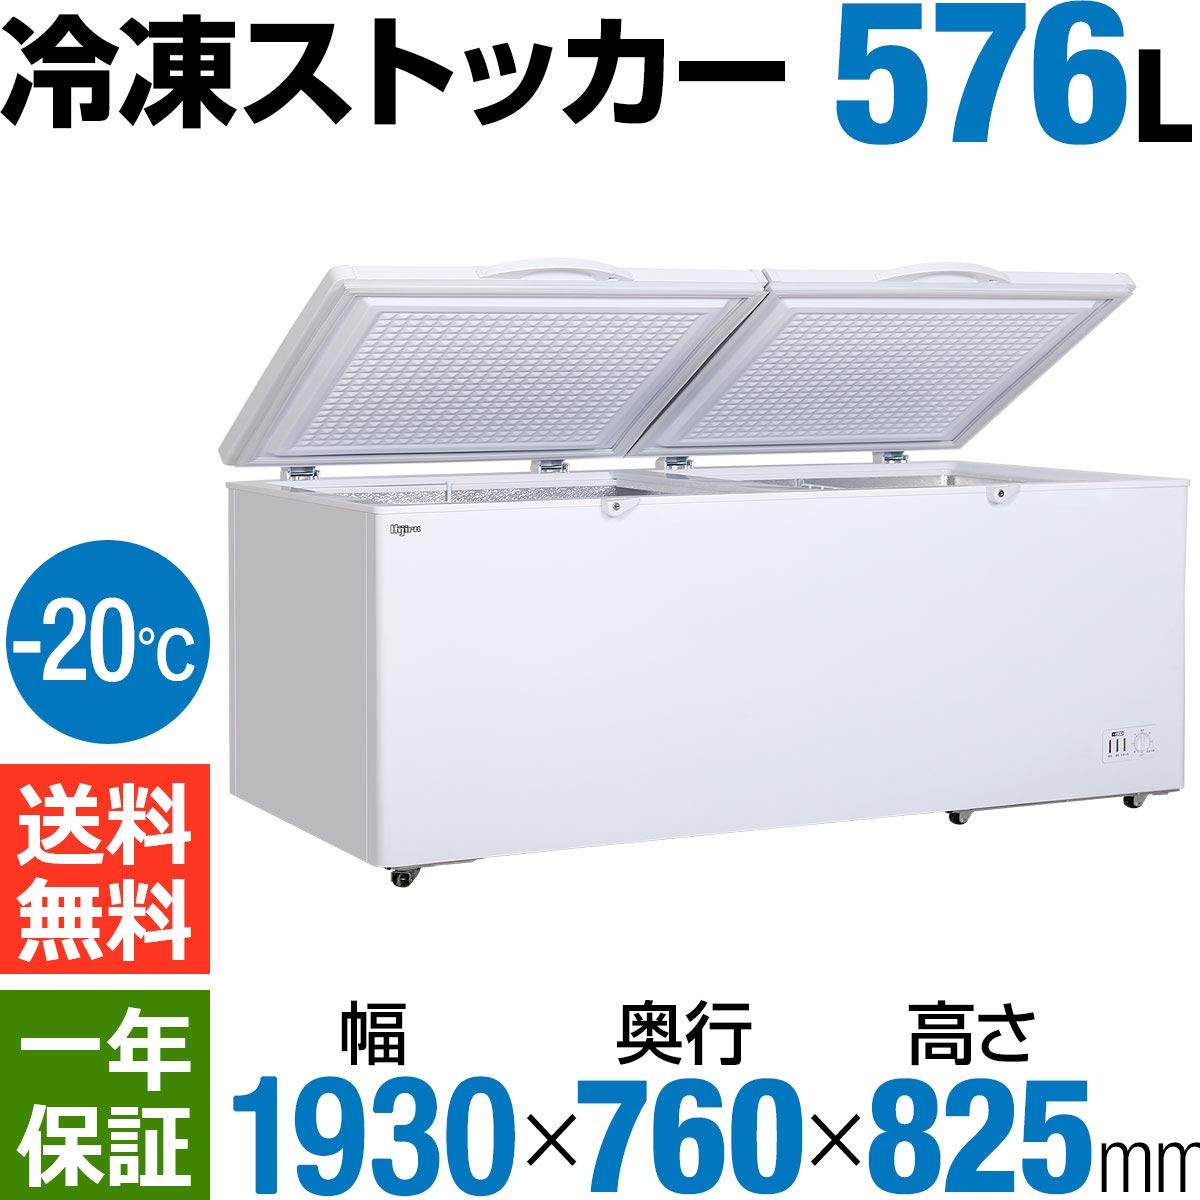 【Hijiru】業務用冷凍ストッカー576L チェストタイプ【HJR-F576】【1-3日以内に発送予定(土日祝除く)】   B07DL2JWH9